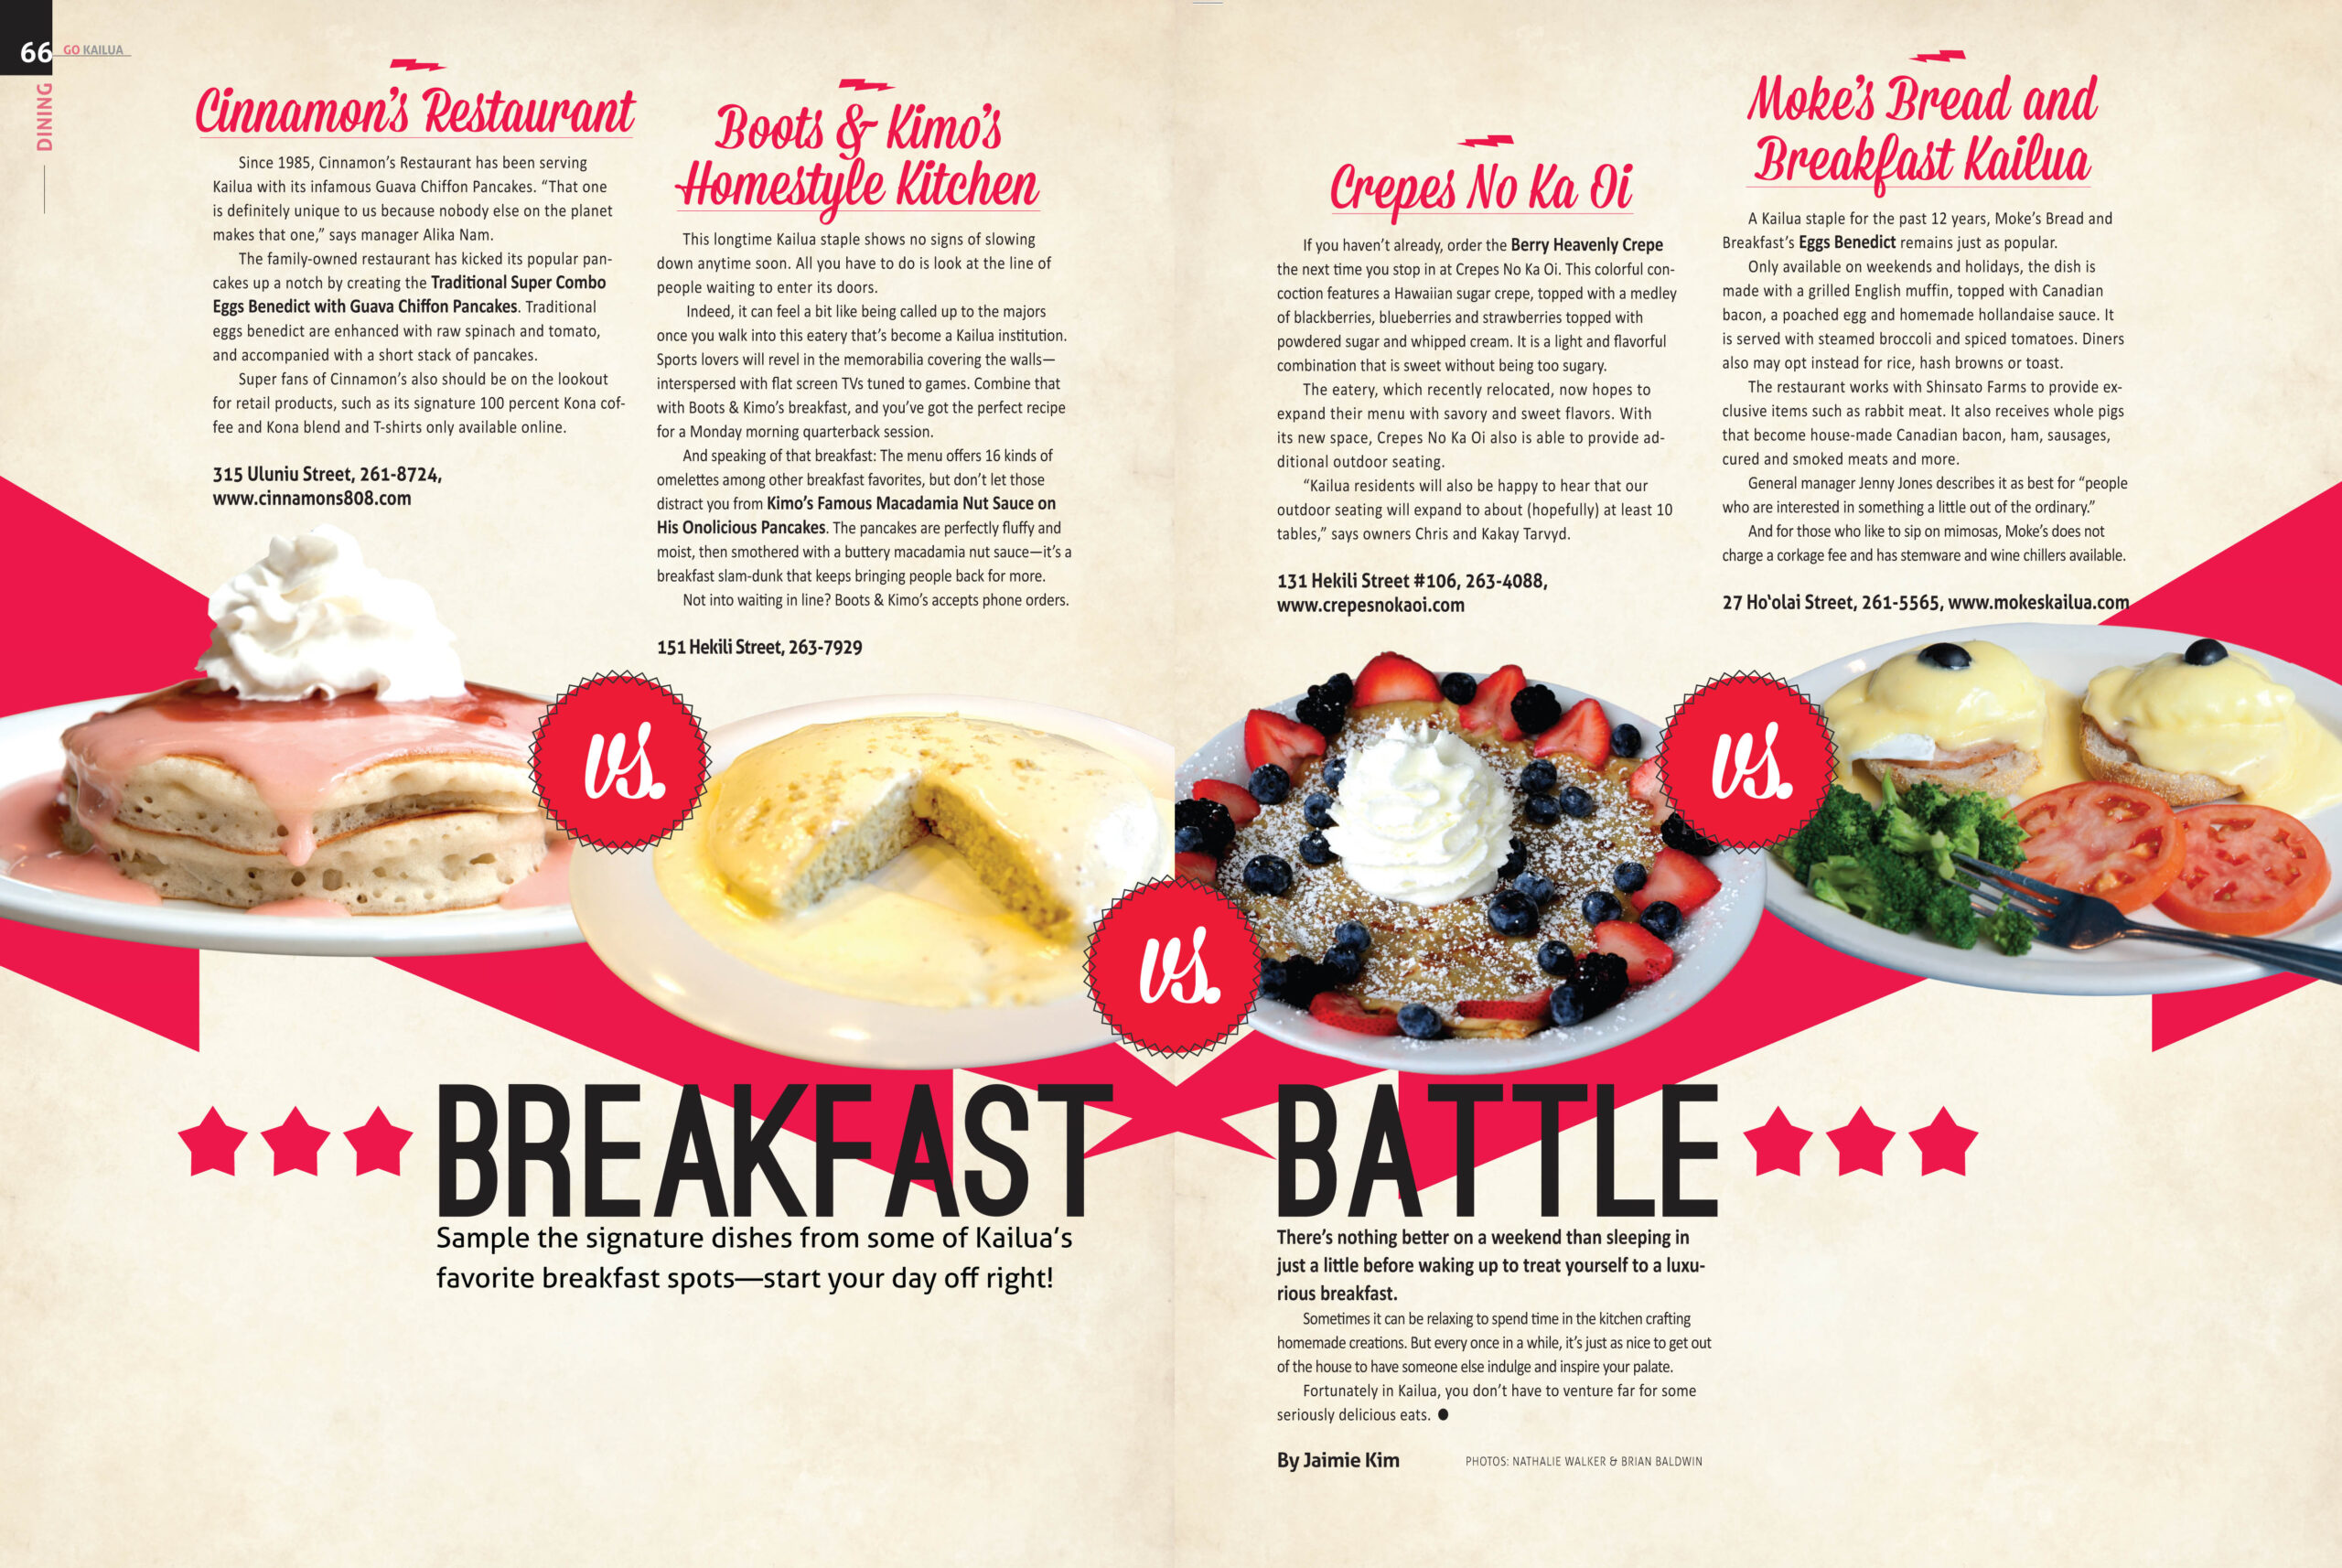 Breakfast-Battle-scaled.jpg